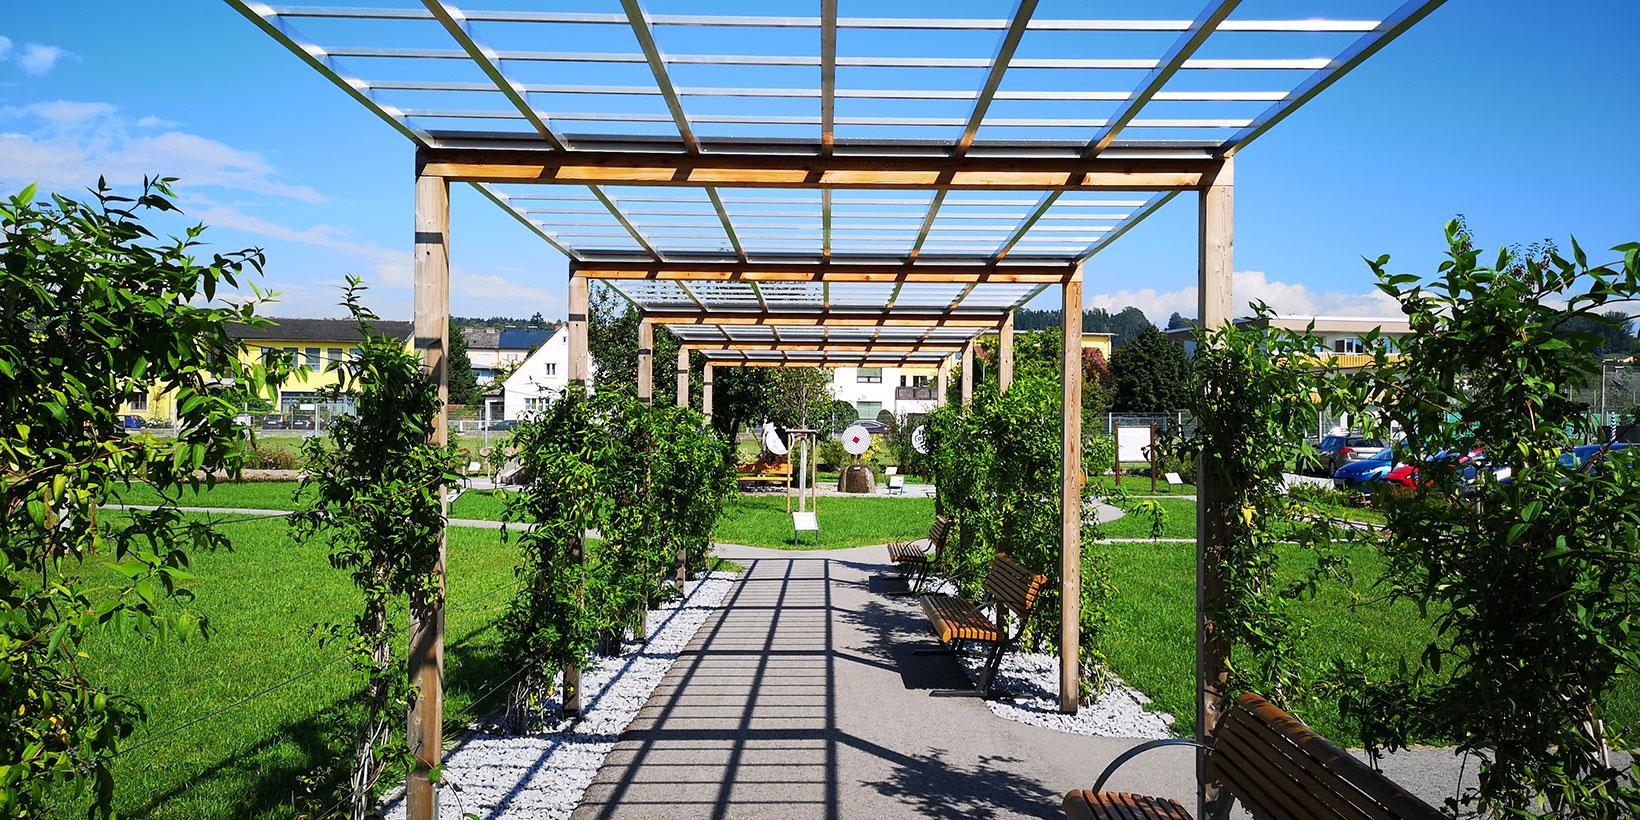 Generationenpark Perg - Platz der Geborgenheit